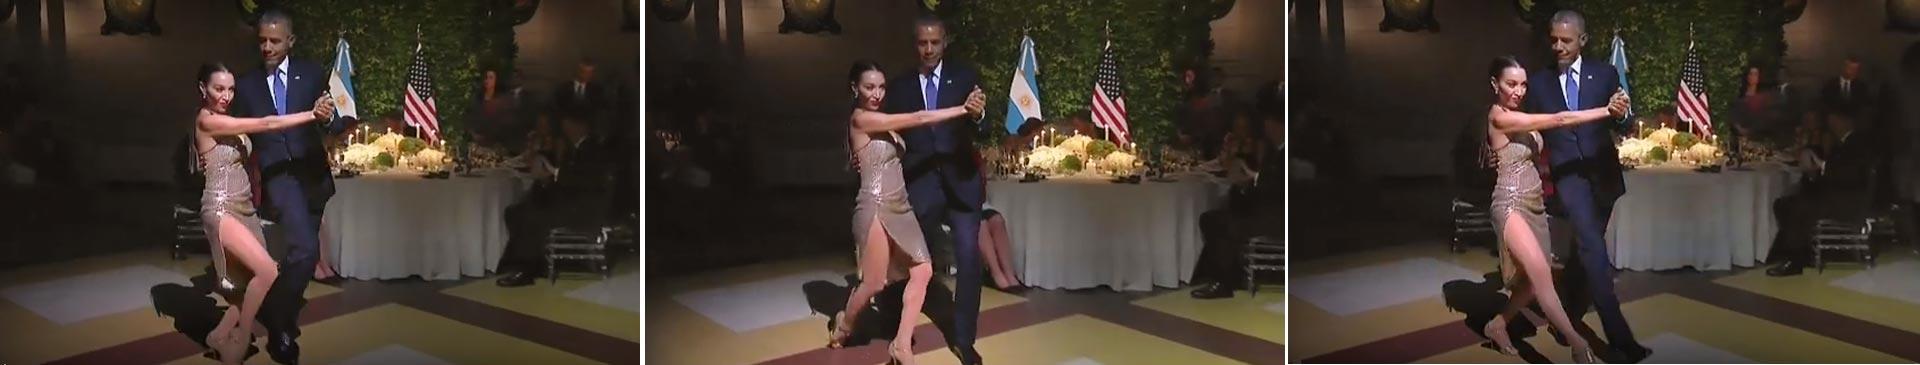 Obama_BA_4_caja